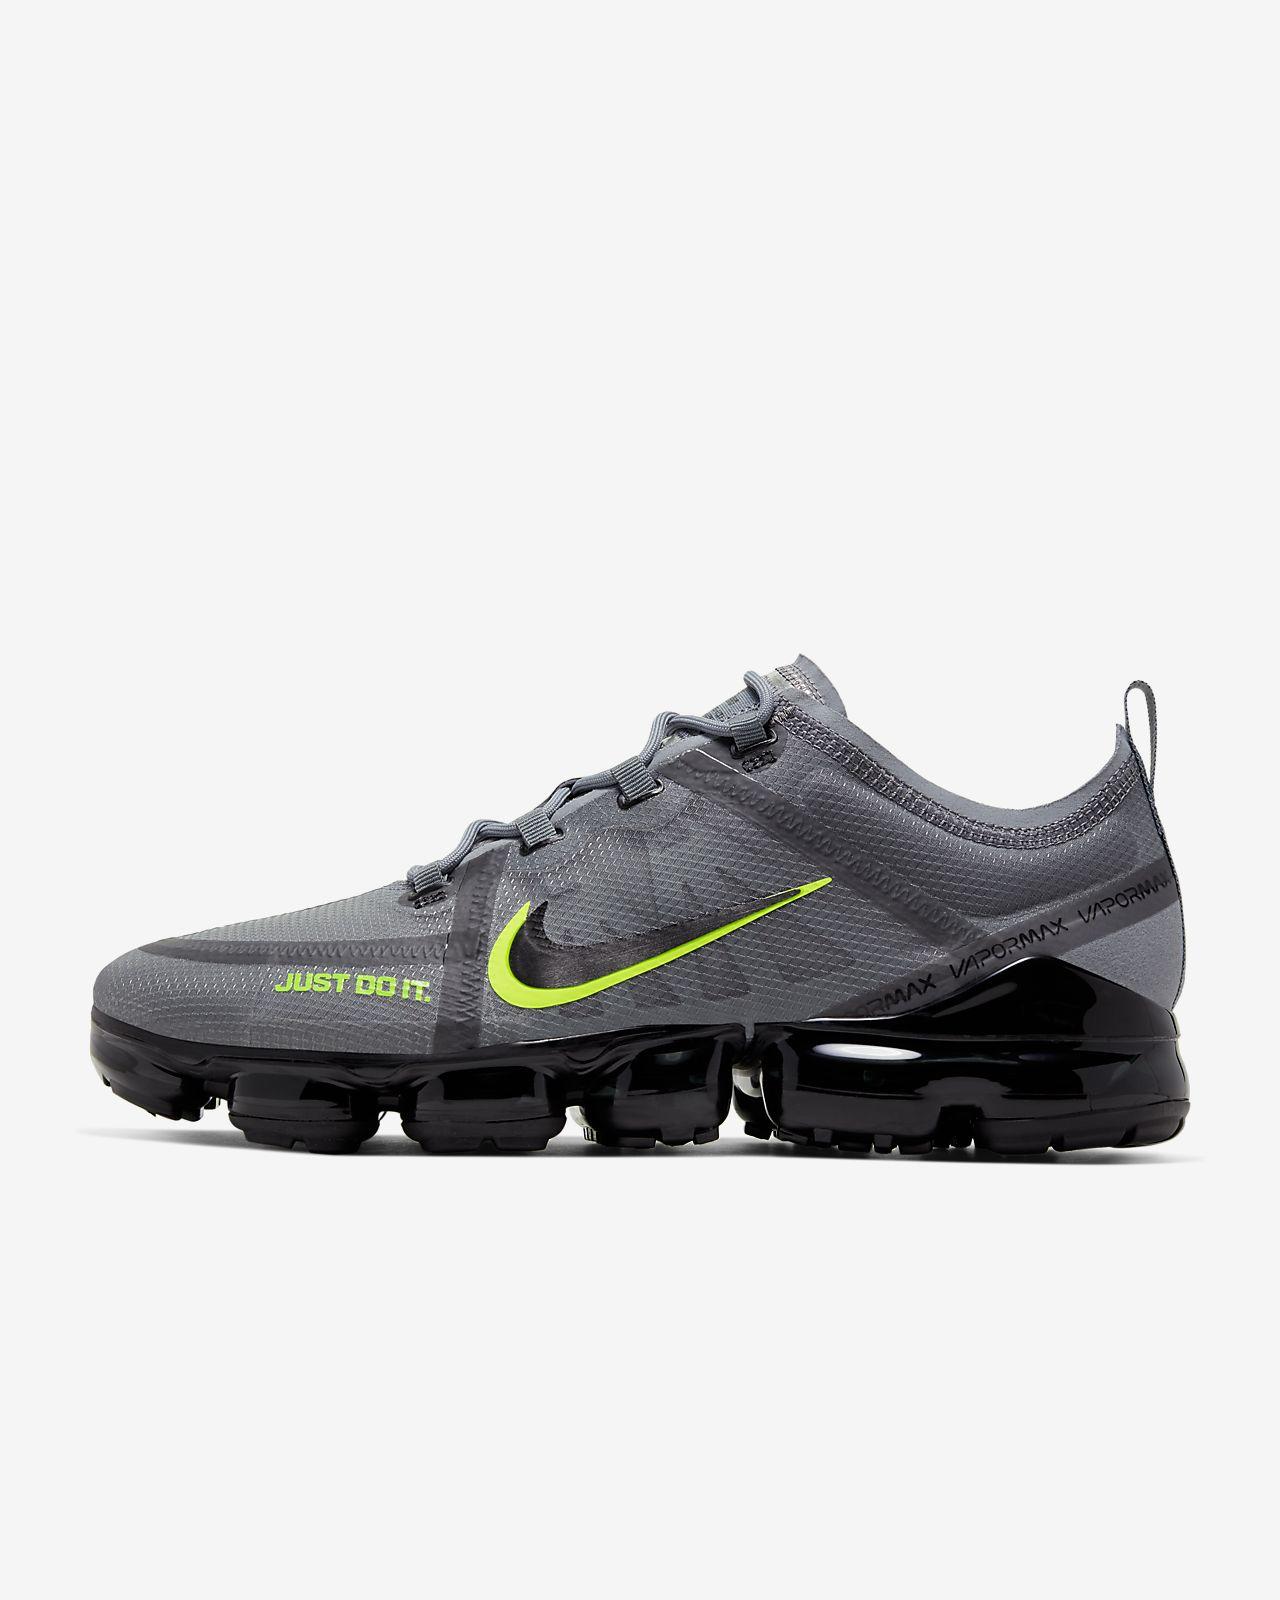 Buty Nike Air Max męskie 2019 | active.sklep.pl | active